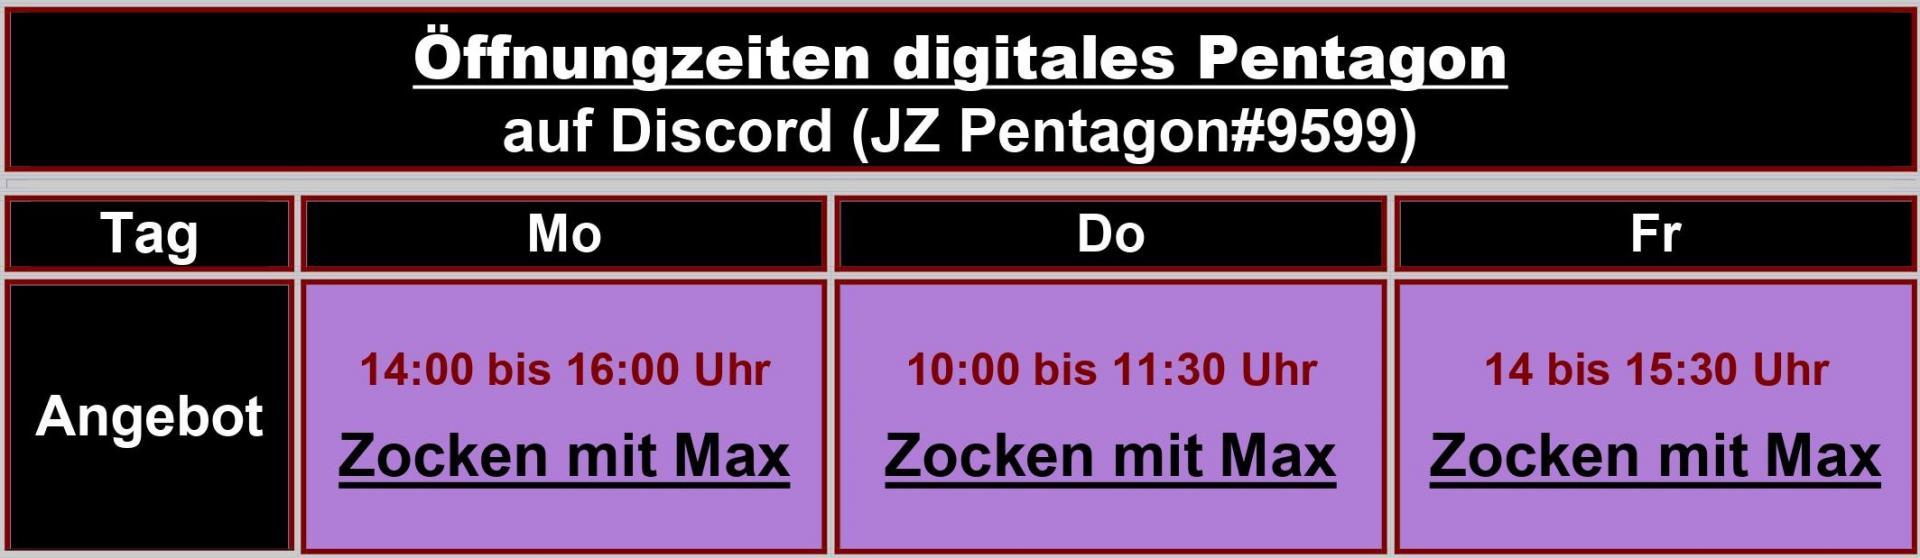 Digitale Öffnungszeiten